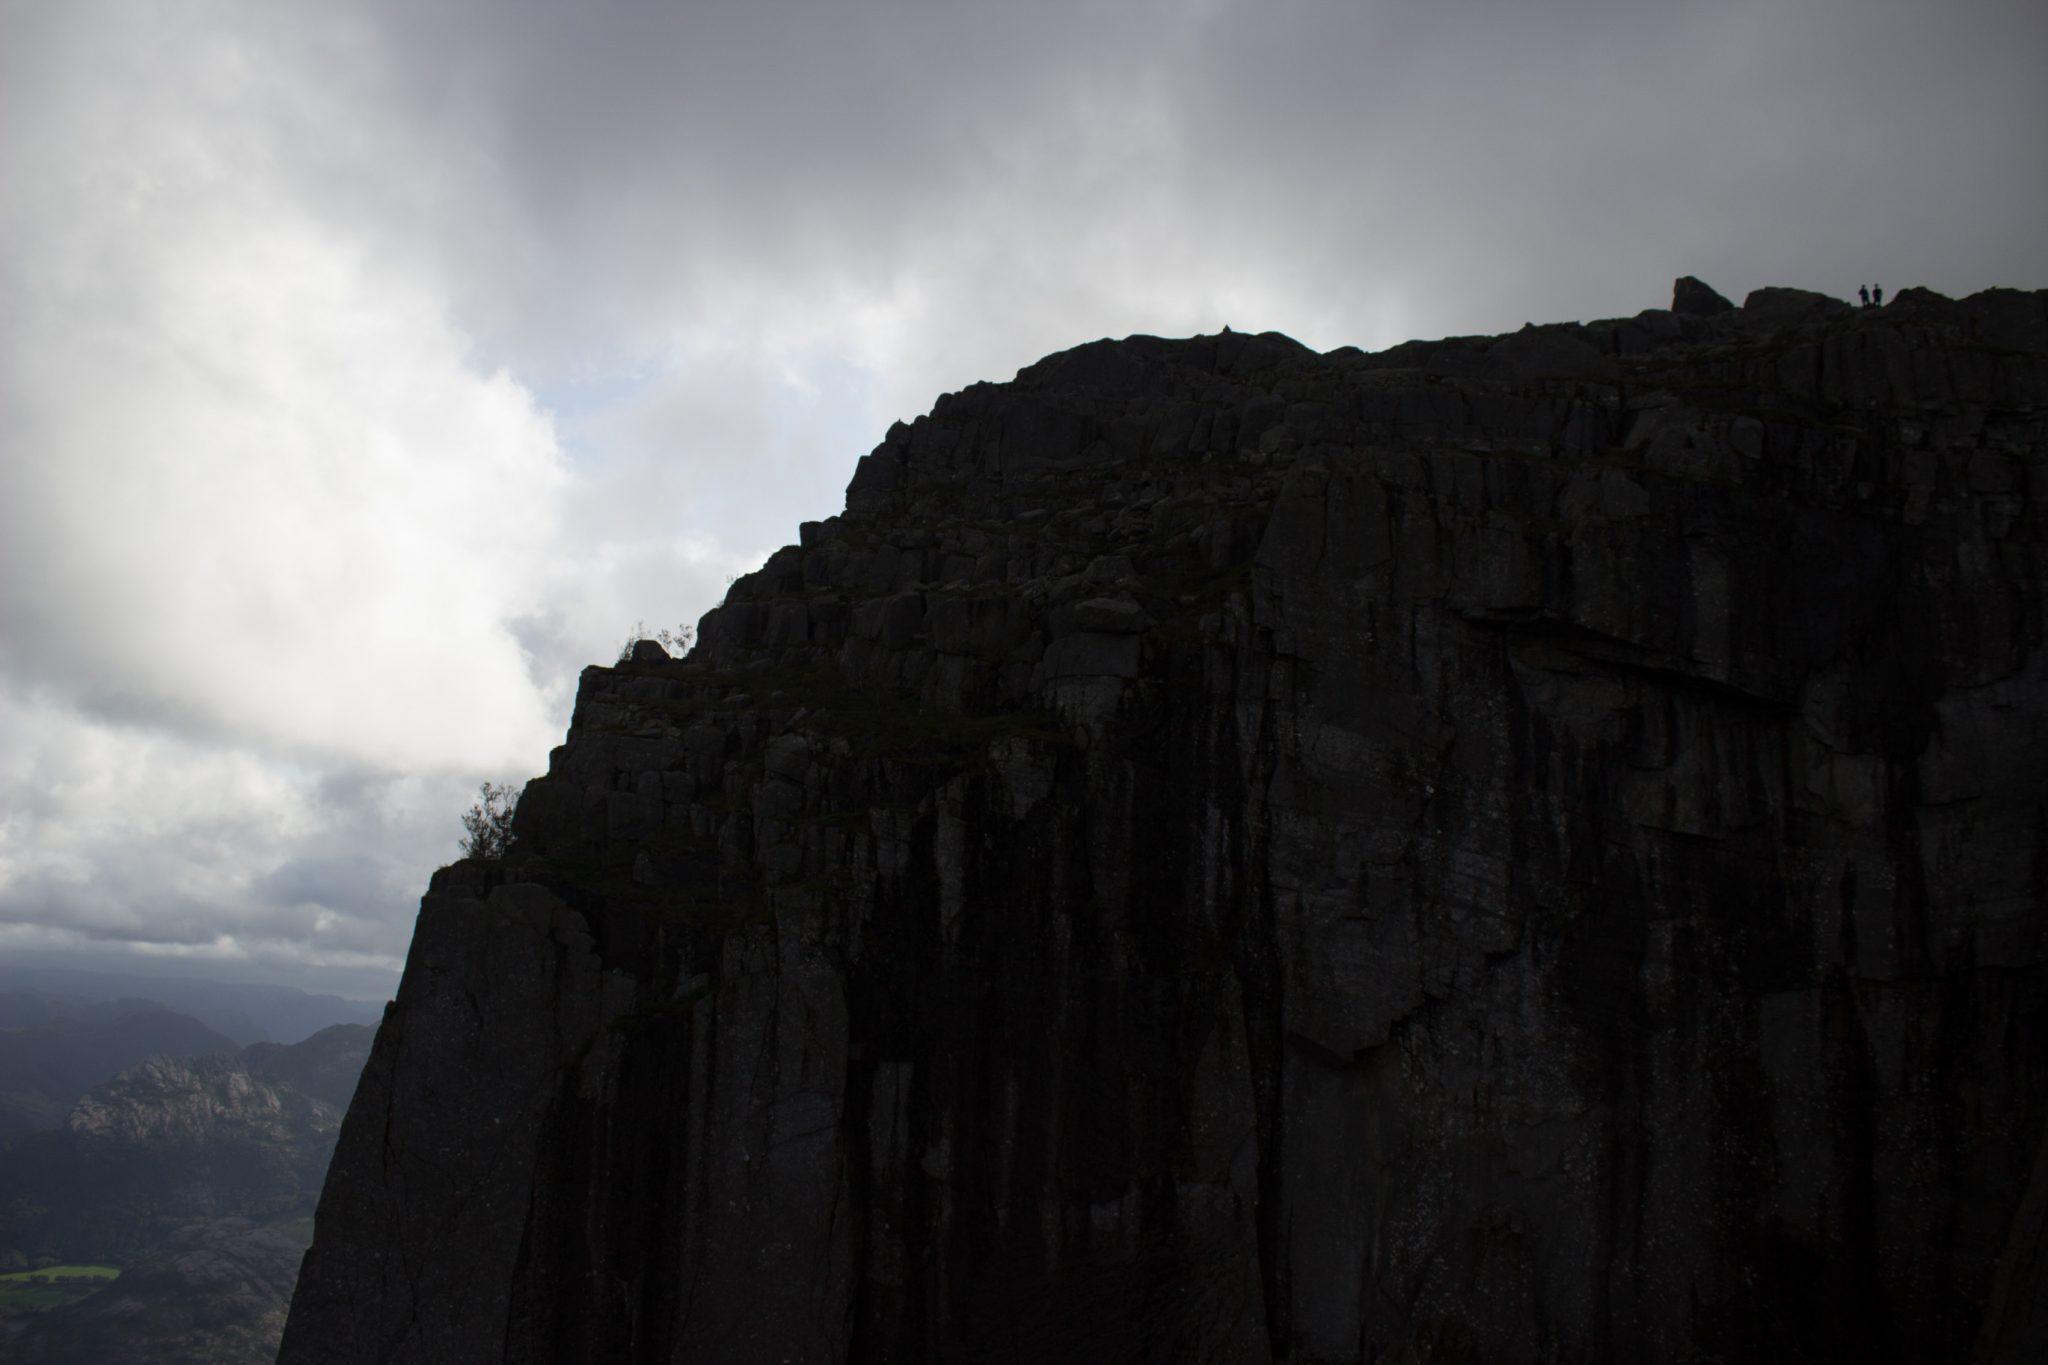 Wanderung zum Pulpit Rock Preikestolen, berühmtester Felsen in Norwegen, riesige steile Felswände, traumhafte Landschaft